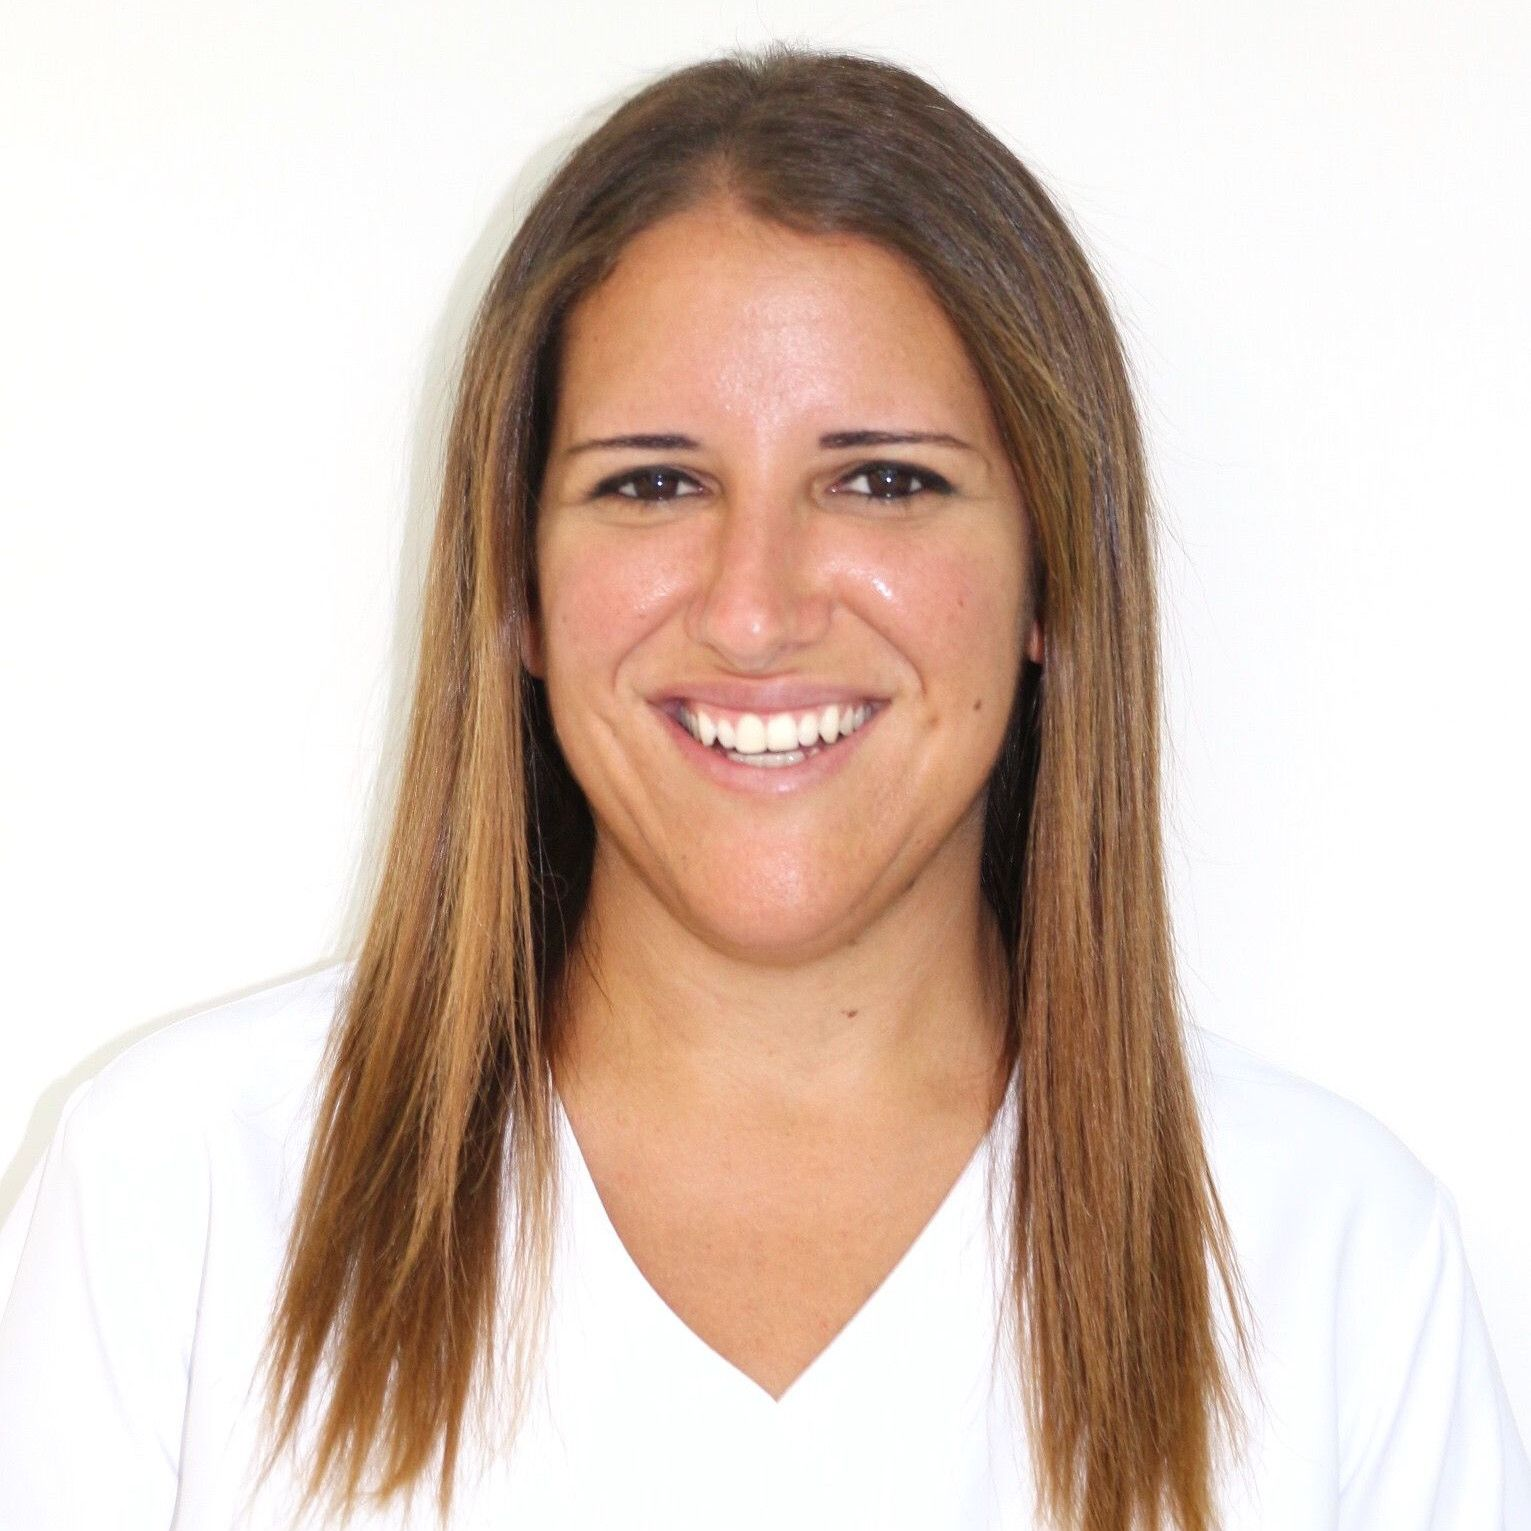 Ethel Martin Acosta - Especialista en Ortodoncia infantil y adultos